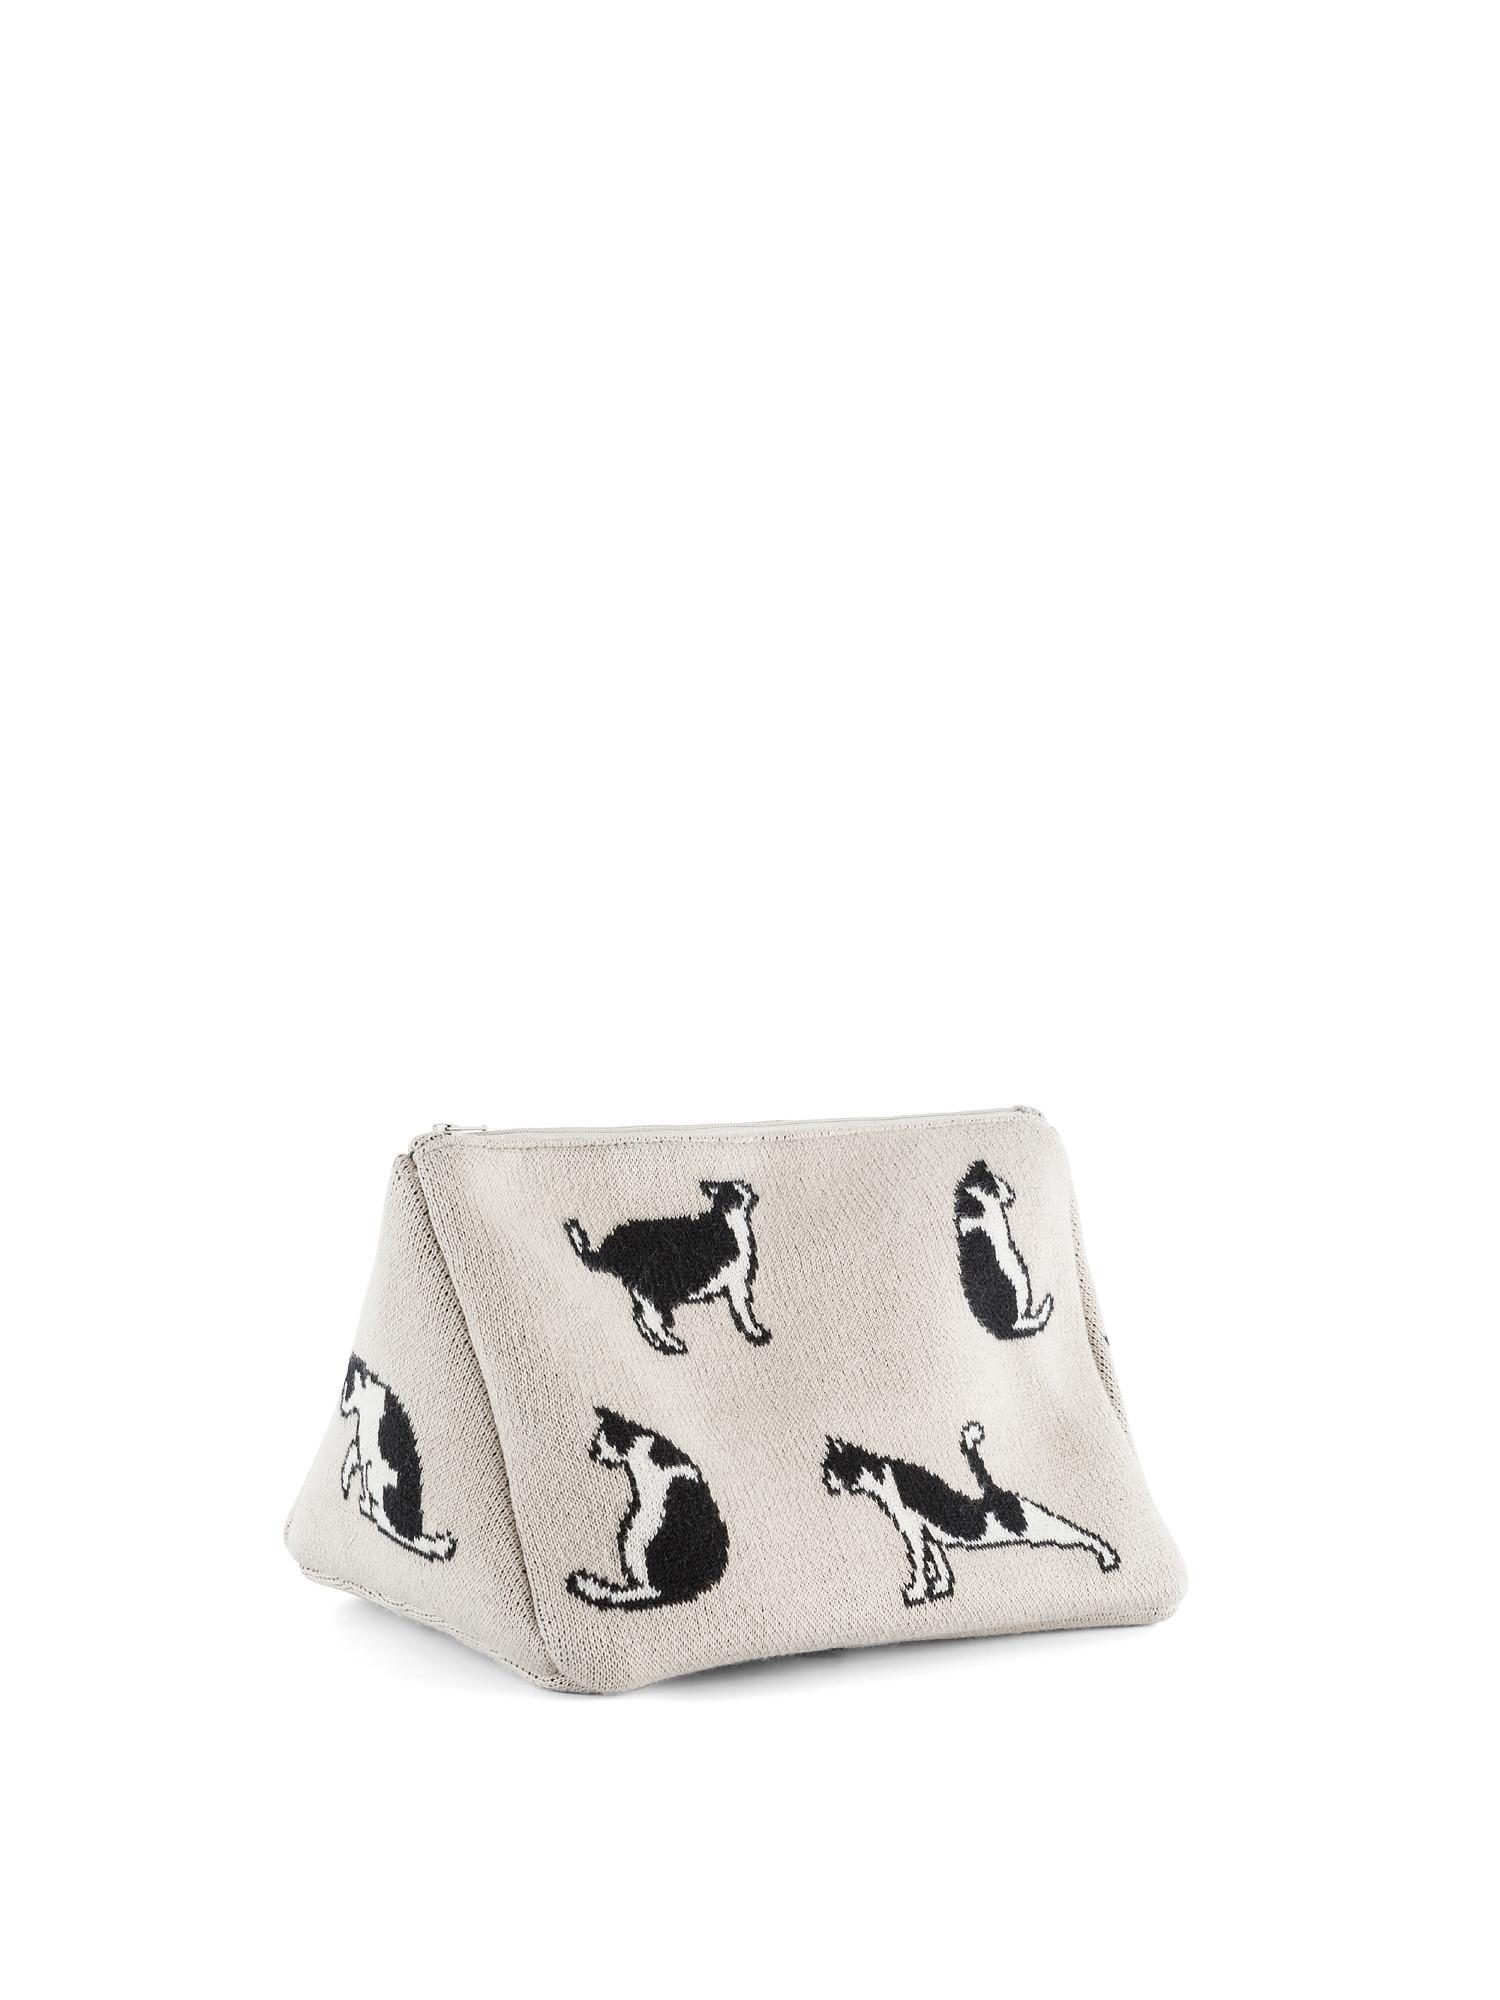 Astuccio cotone motivo gatti, Beige chiaro, large image number 0